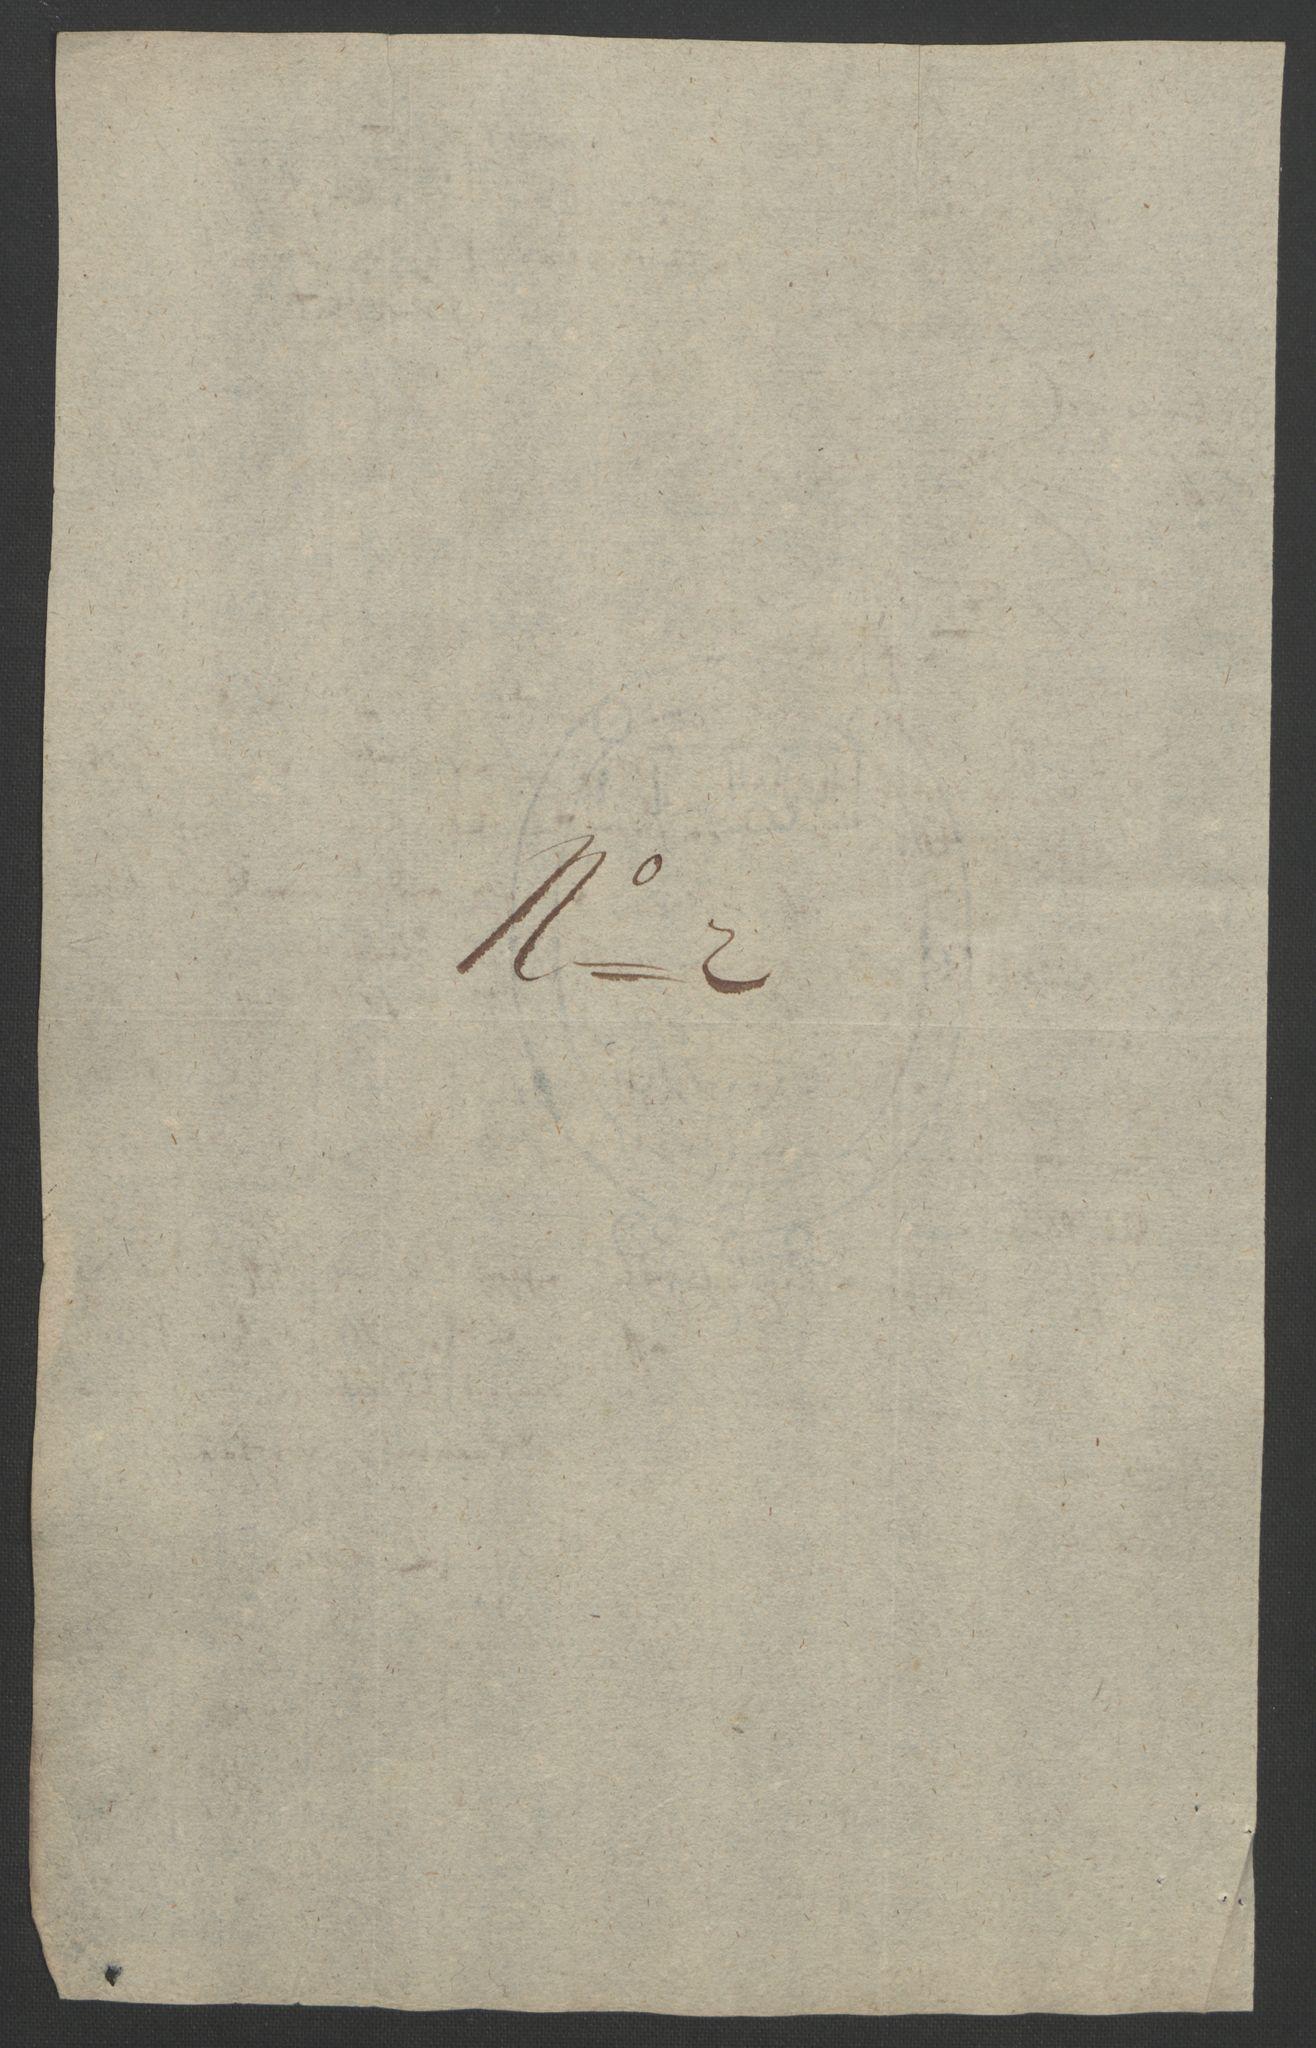 RA, Rentekammeret inntil 1814, Reviderte regnskaper, Fogderegnskap, R08/L0426: Fogderegnskap Aker, 1692-1693, s. 124